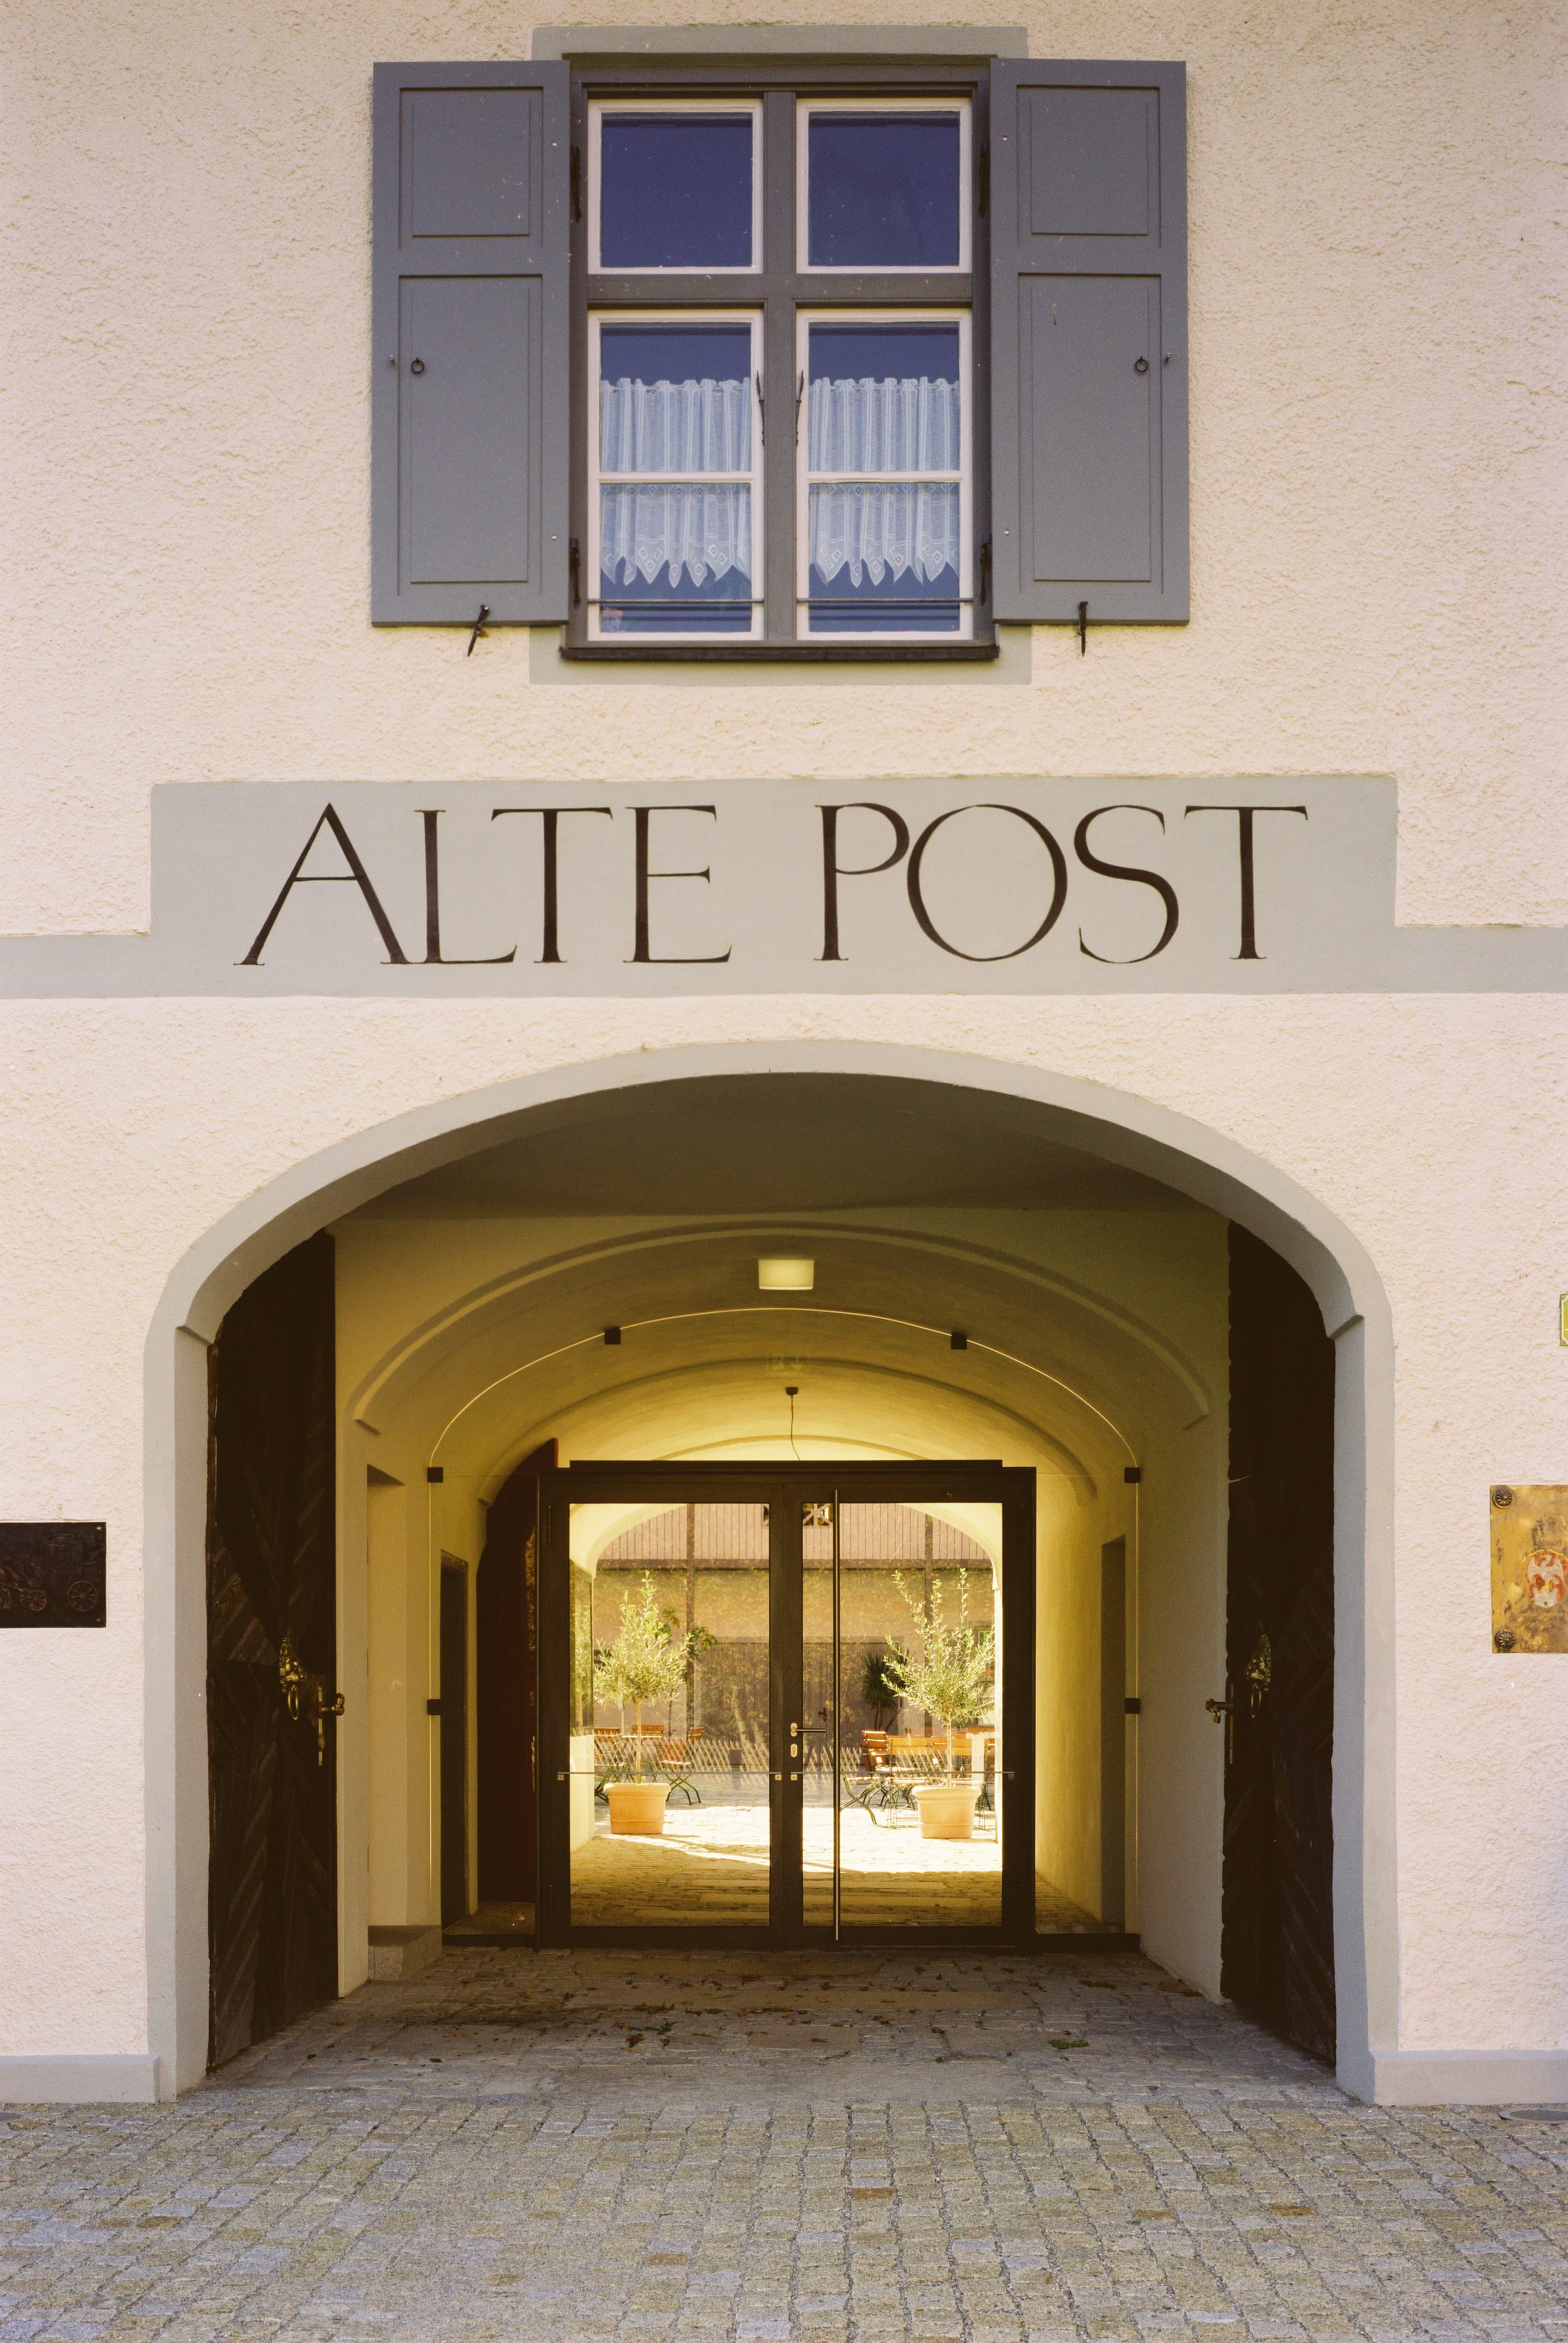 Alte Post Flintsbach Innenhof Schild